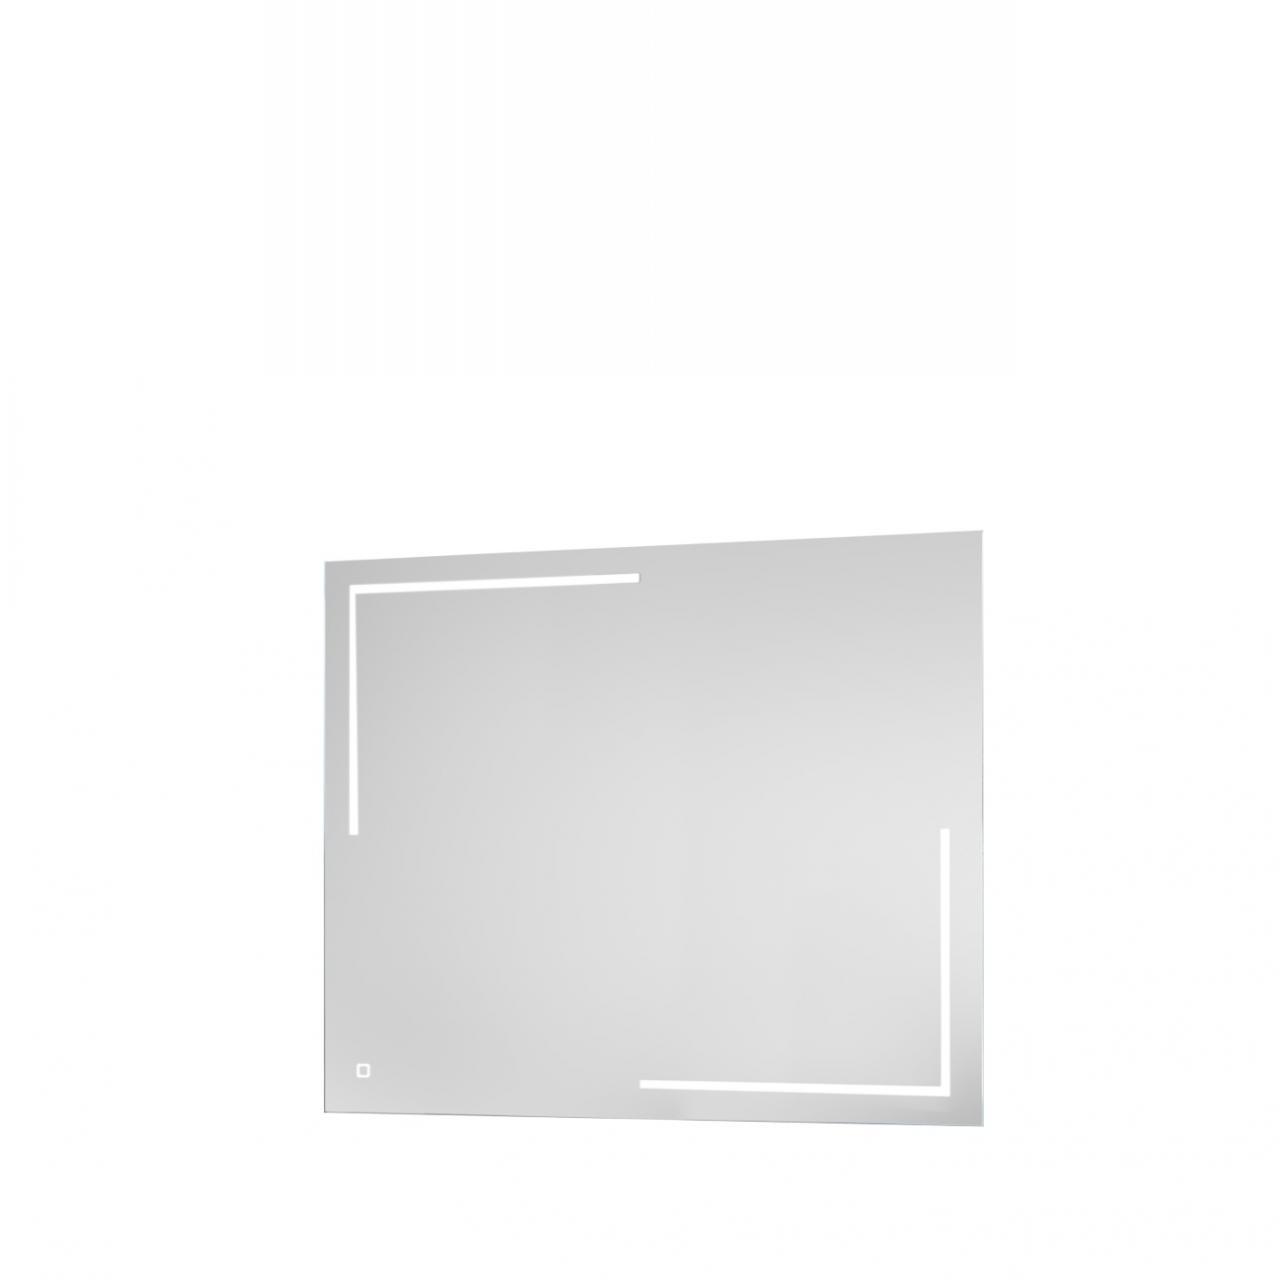 Spiegel 54-018 Wandspiegel Mit LED-Licht Touch Lichtschalter Badezimmerspiegel